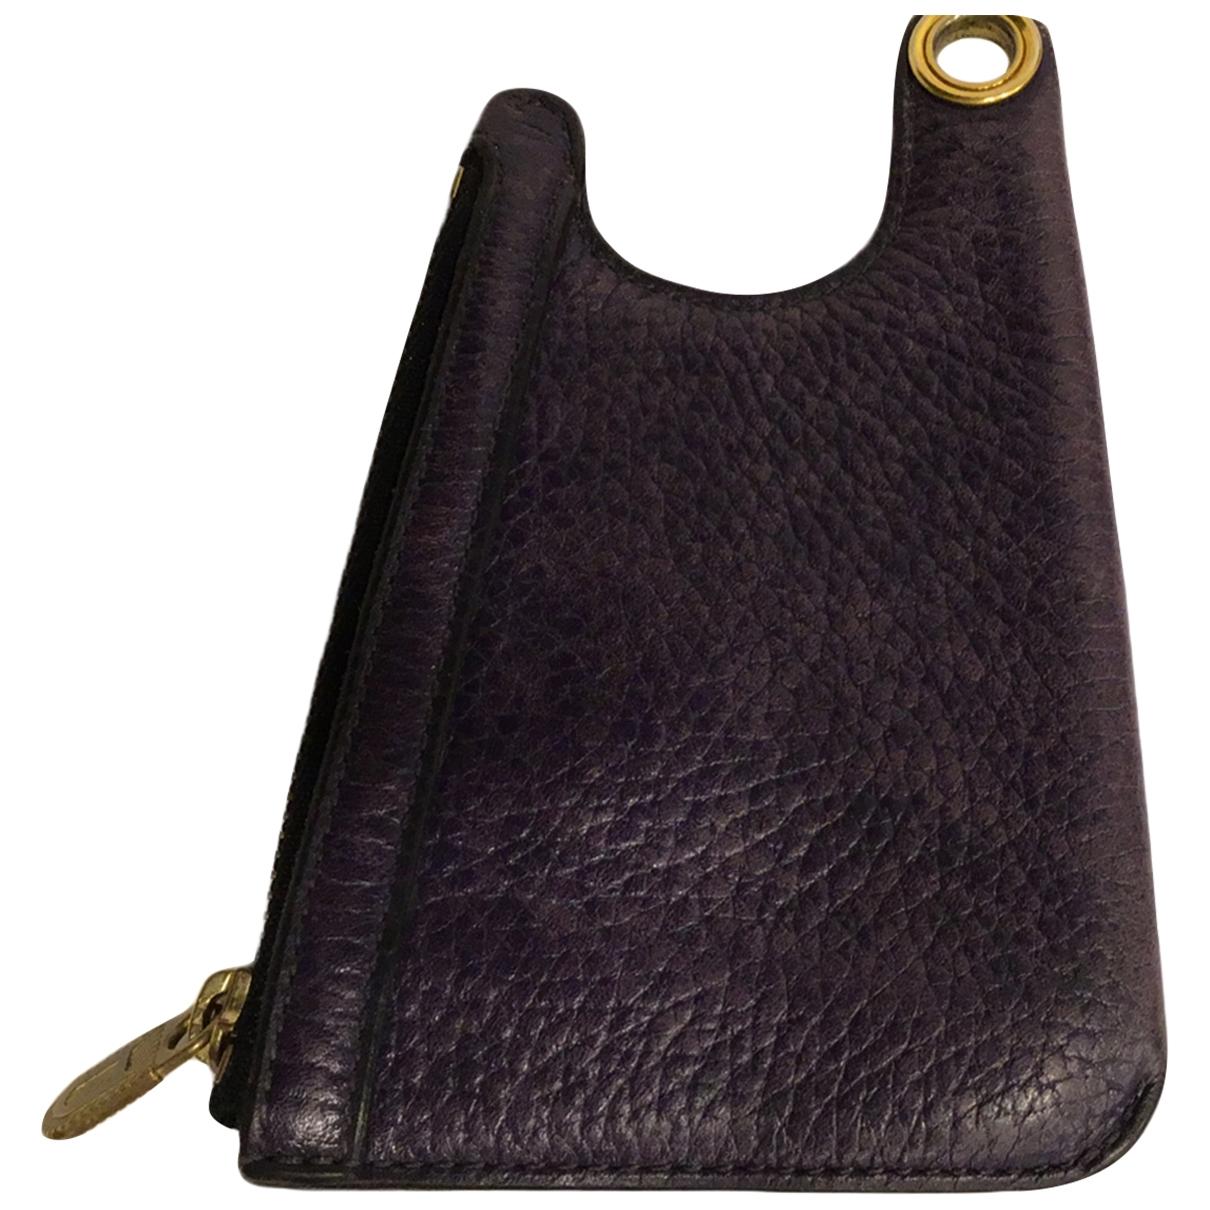 Delvaux - Petite maroquinerie   pour femme en cuir - violet